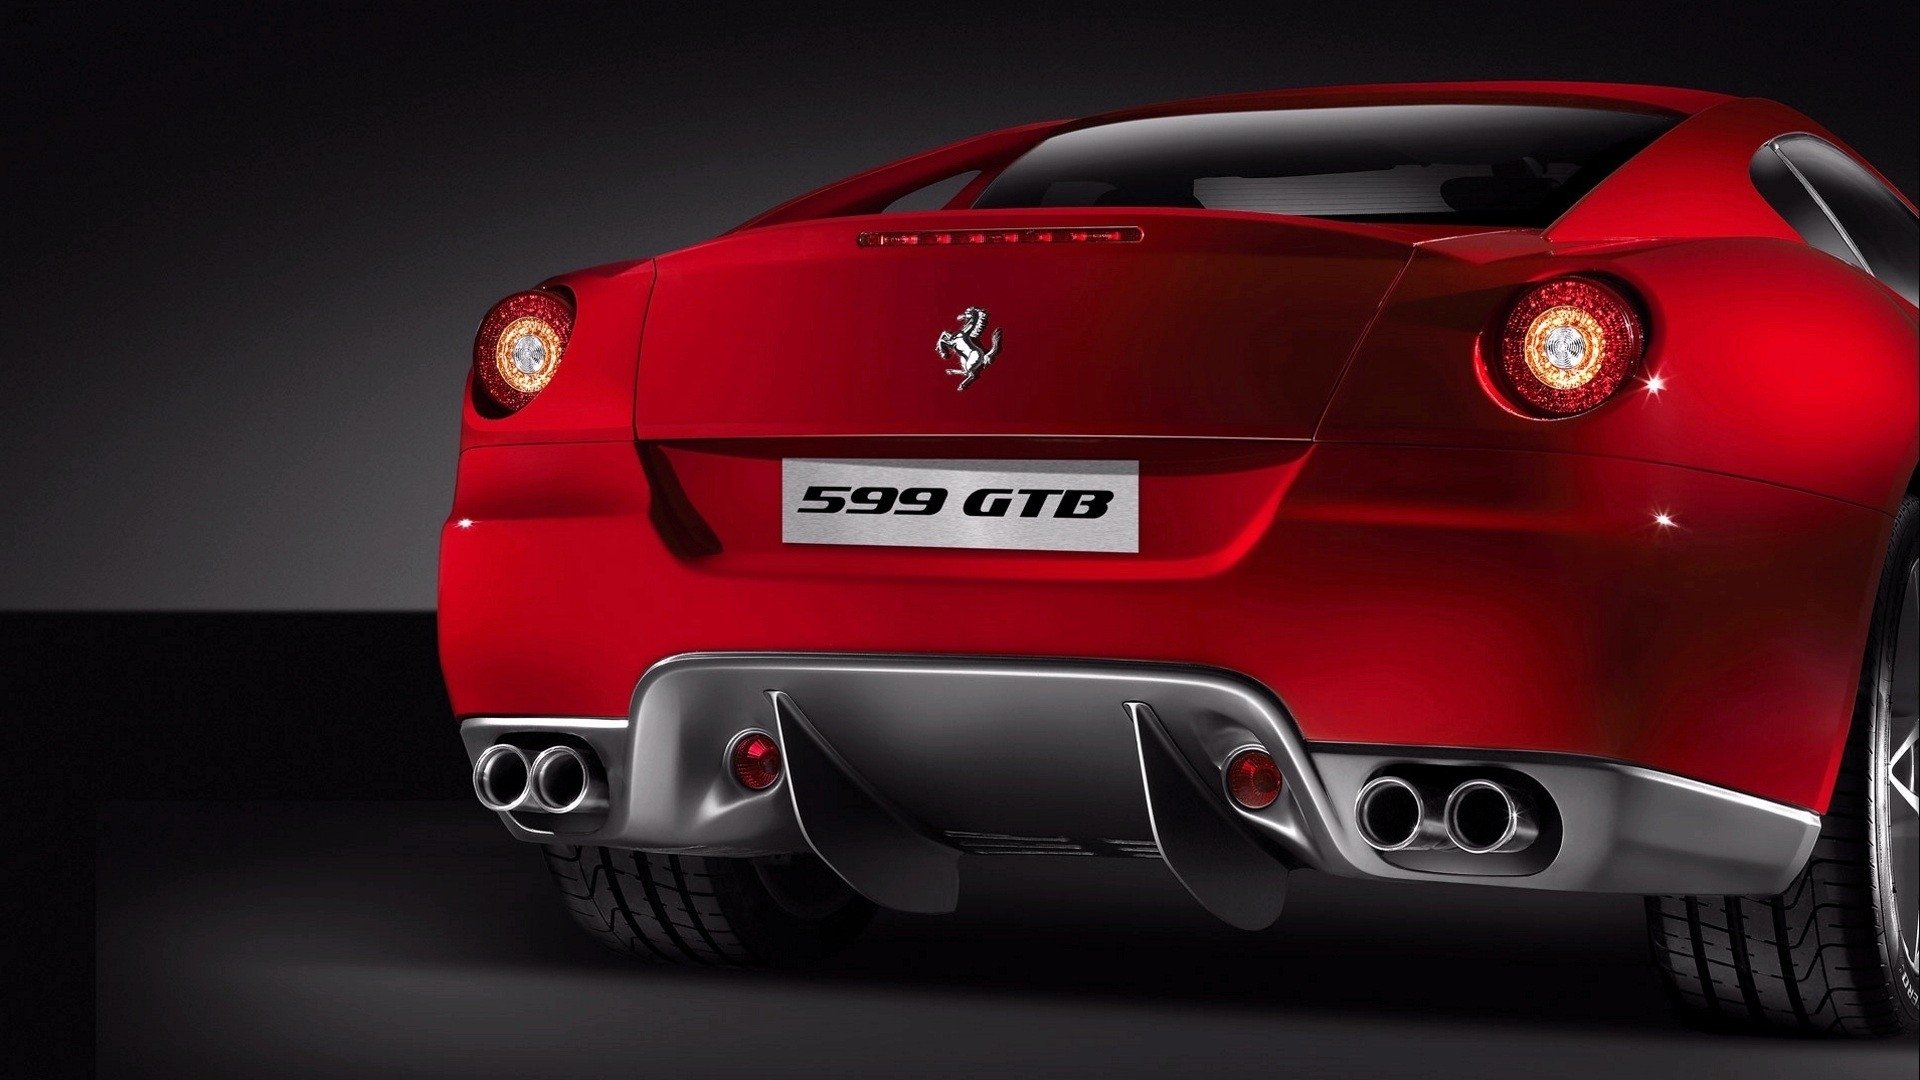 Ferrari 599 Gtb Art Id 76968 Art Abyss